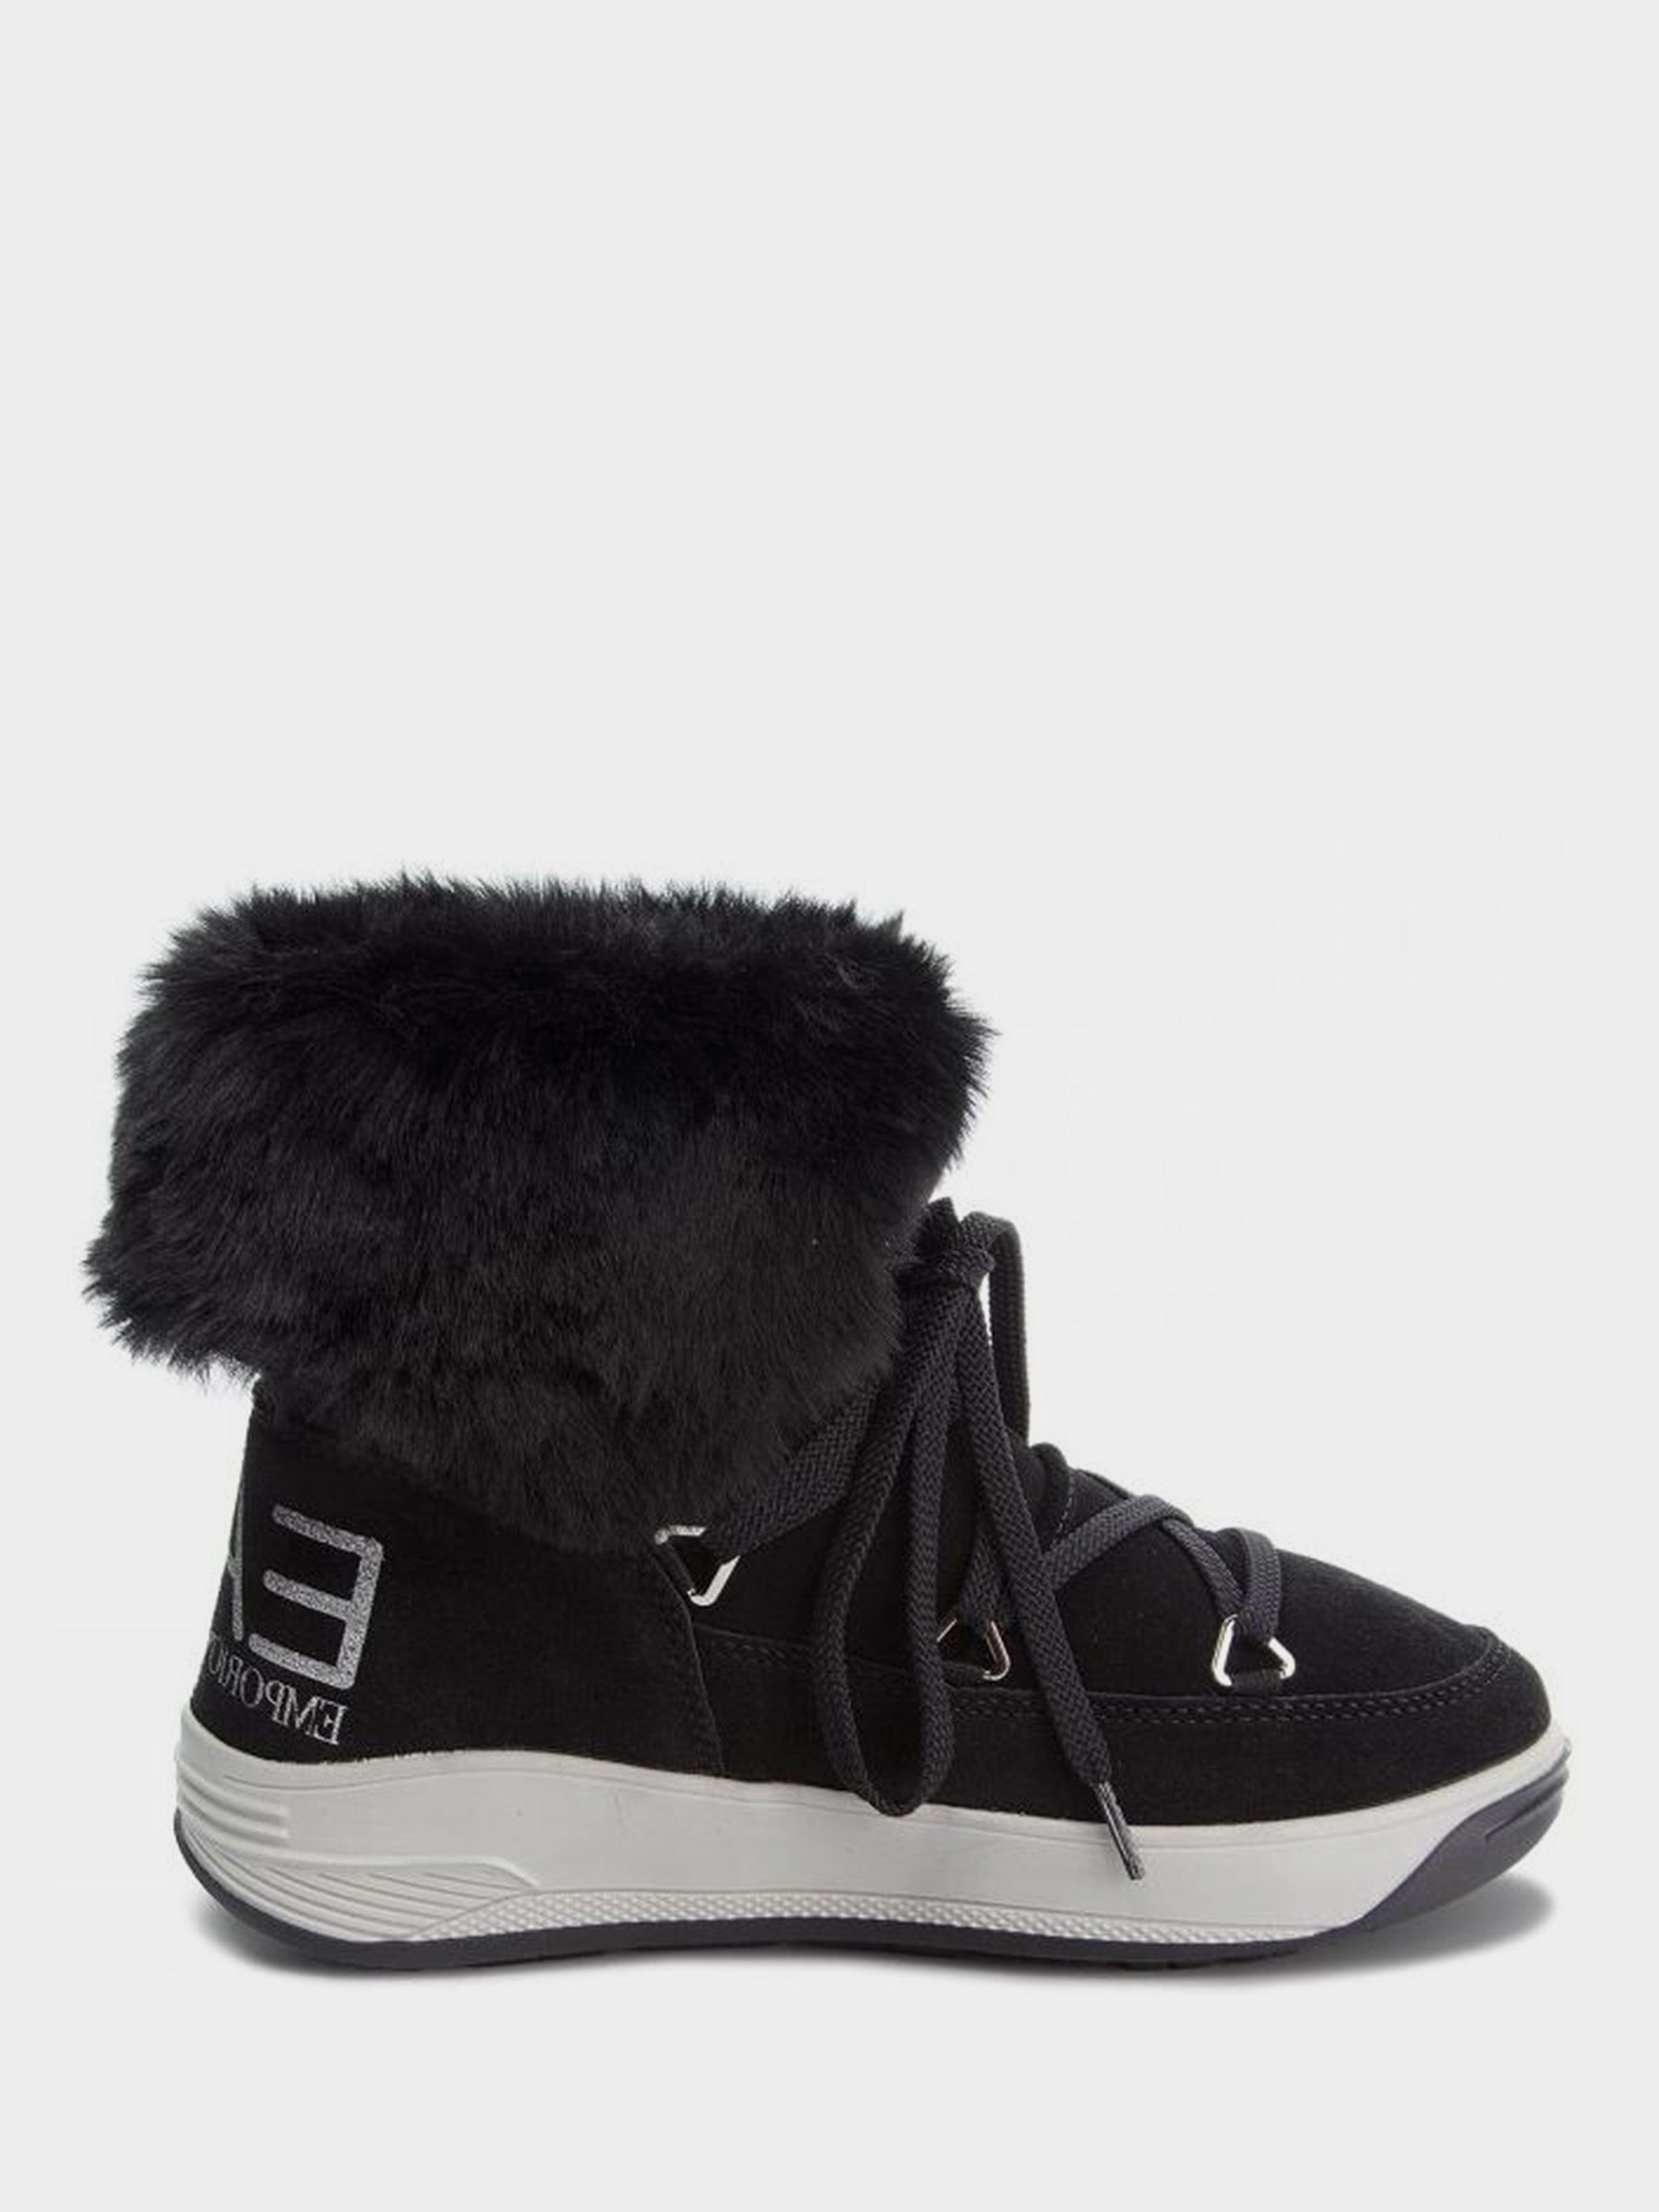 Купить Ботинки для женщин EA7 WOMAN LEATHER BOOT 7Q1, Черный